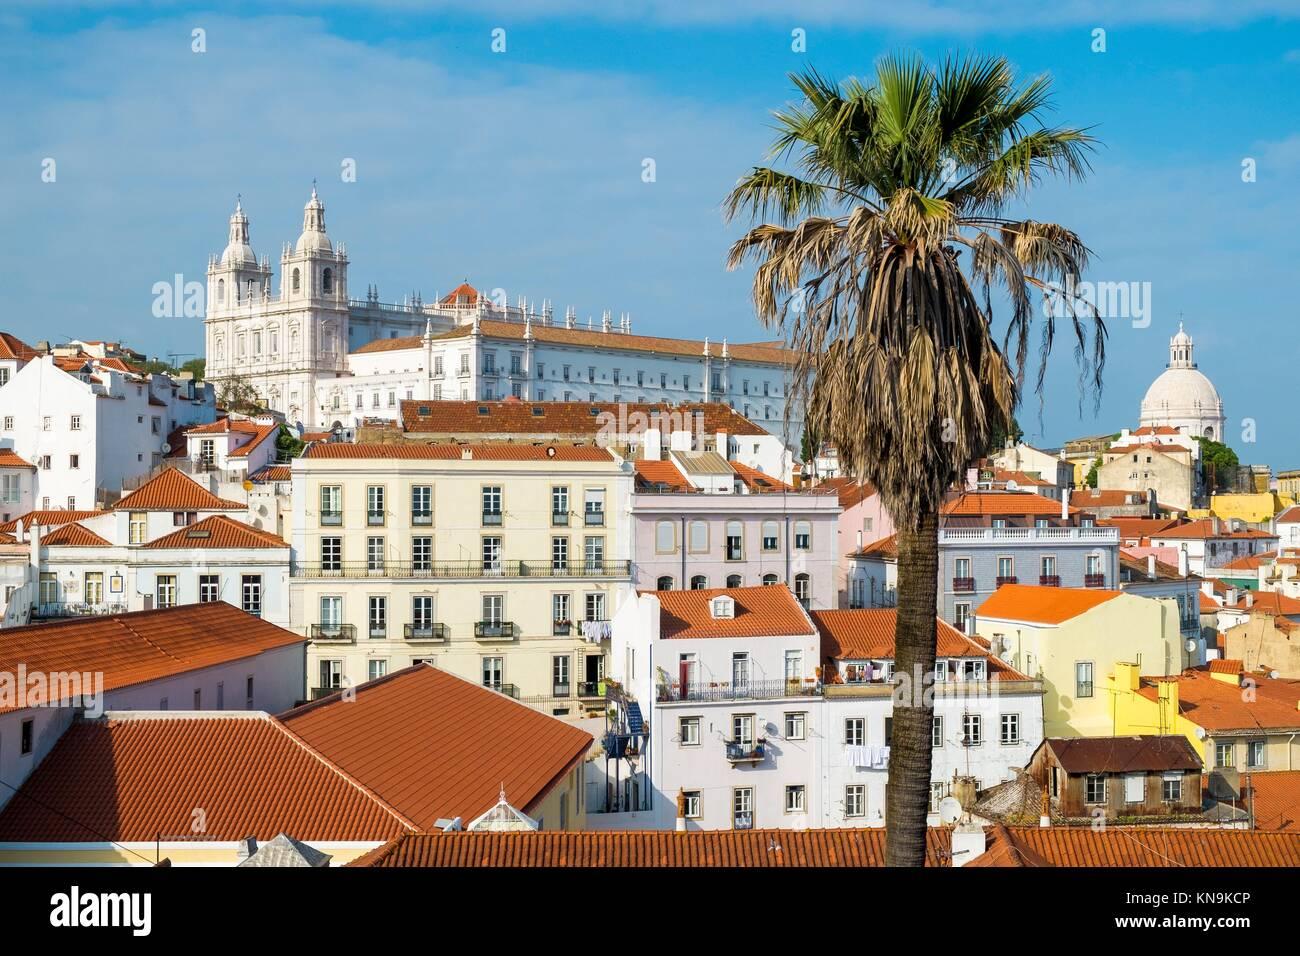 Panoramica del quartiere di Alfama a Lisbona Portogallo. Immagini Stock